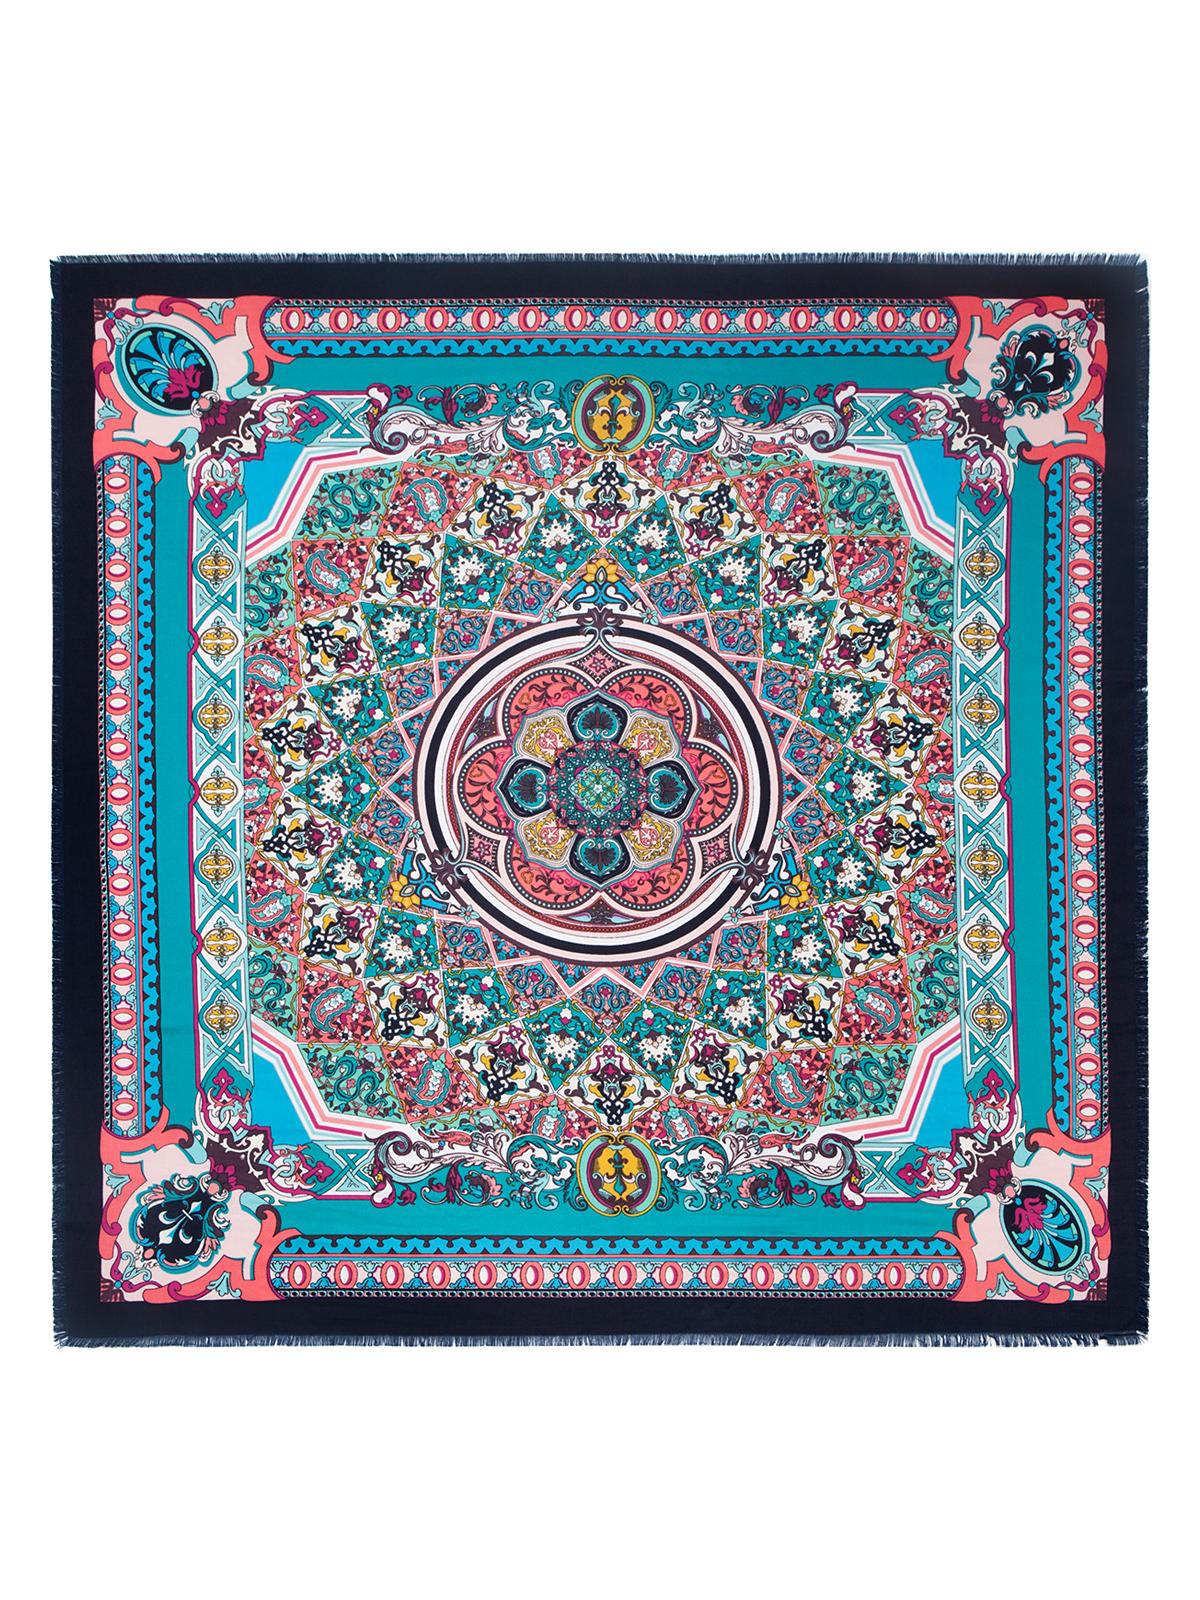 Платок женский Labbra, цвет: бирюзовый, мультиколор. LSZ33-526. Размер 110 см х 110 смLSZ33-526Платок от Labbra изготовлен из вискозы с добавлением шерсти и оформлен ярким принтом. Края изделия декорированы бахромой.